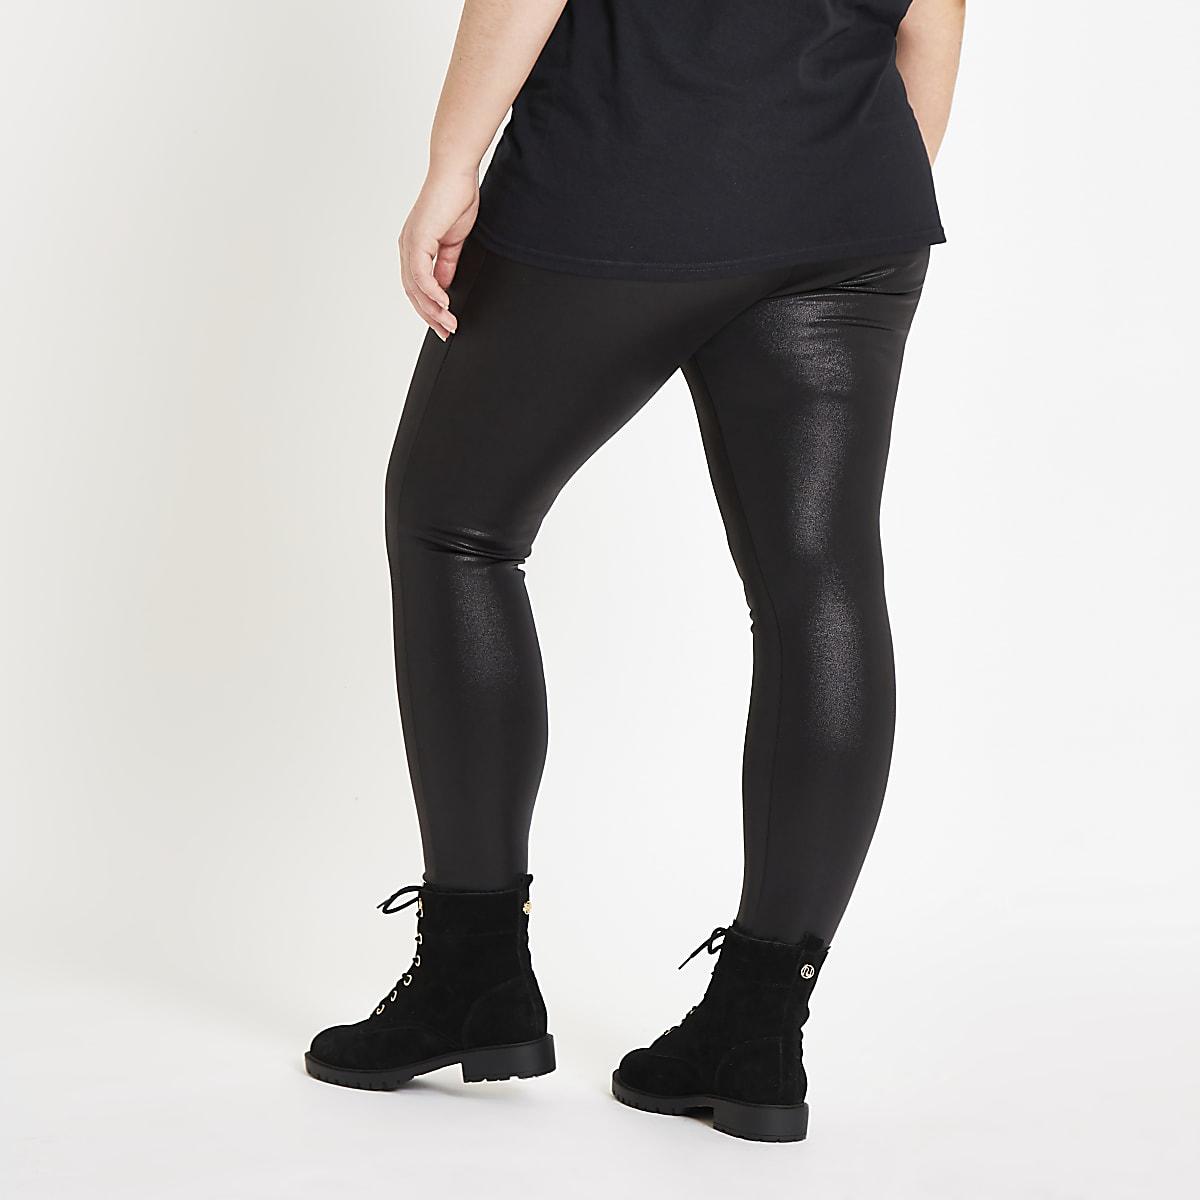 d2cd08064cd73 Plus – Legging noir enduit taille haute - Leggings - Pantalons - Femme